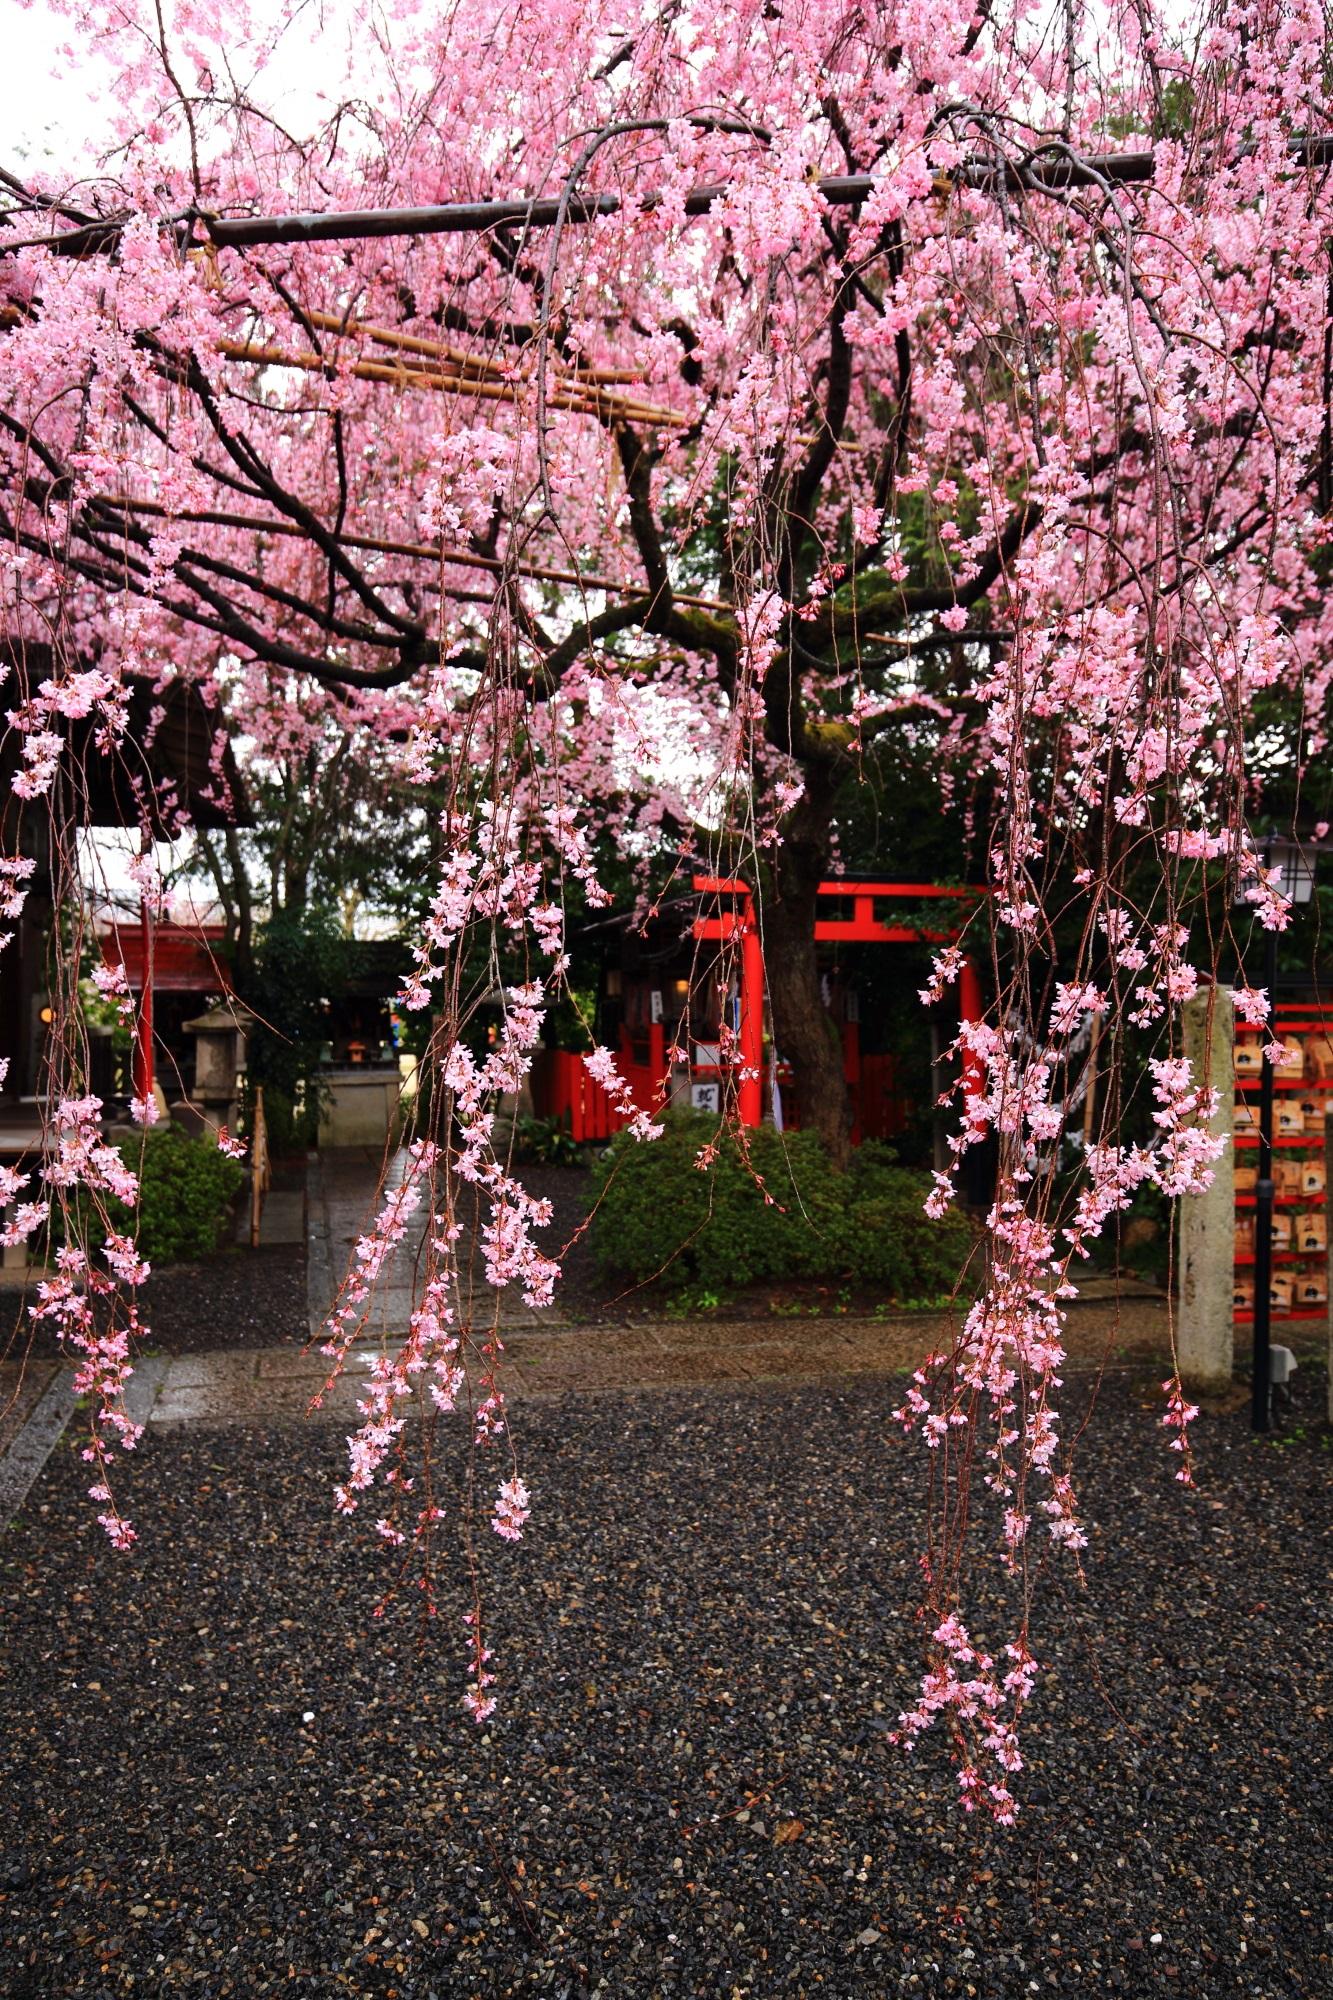 水火天満宮の素晴らしい雨のしだれ桜と春の情景